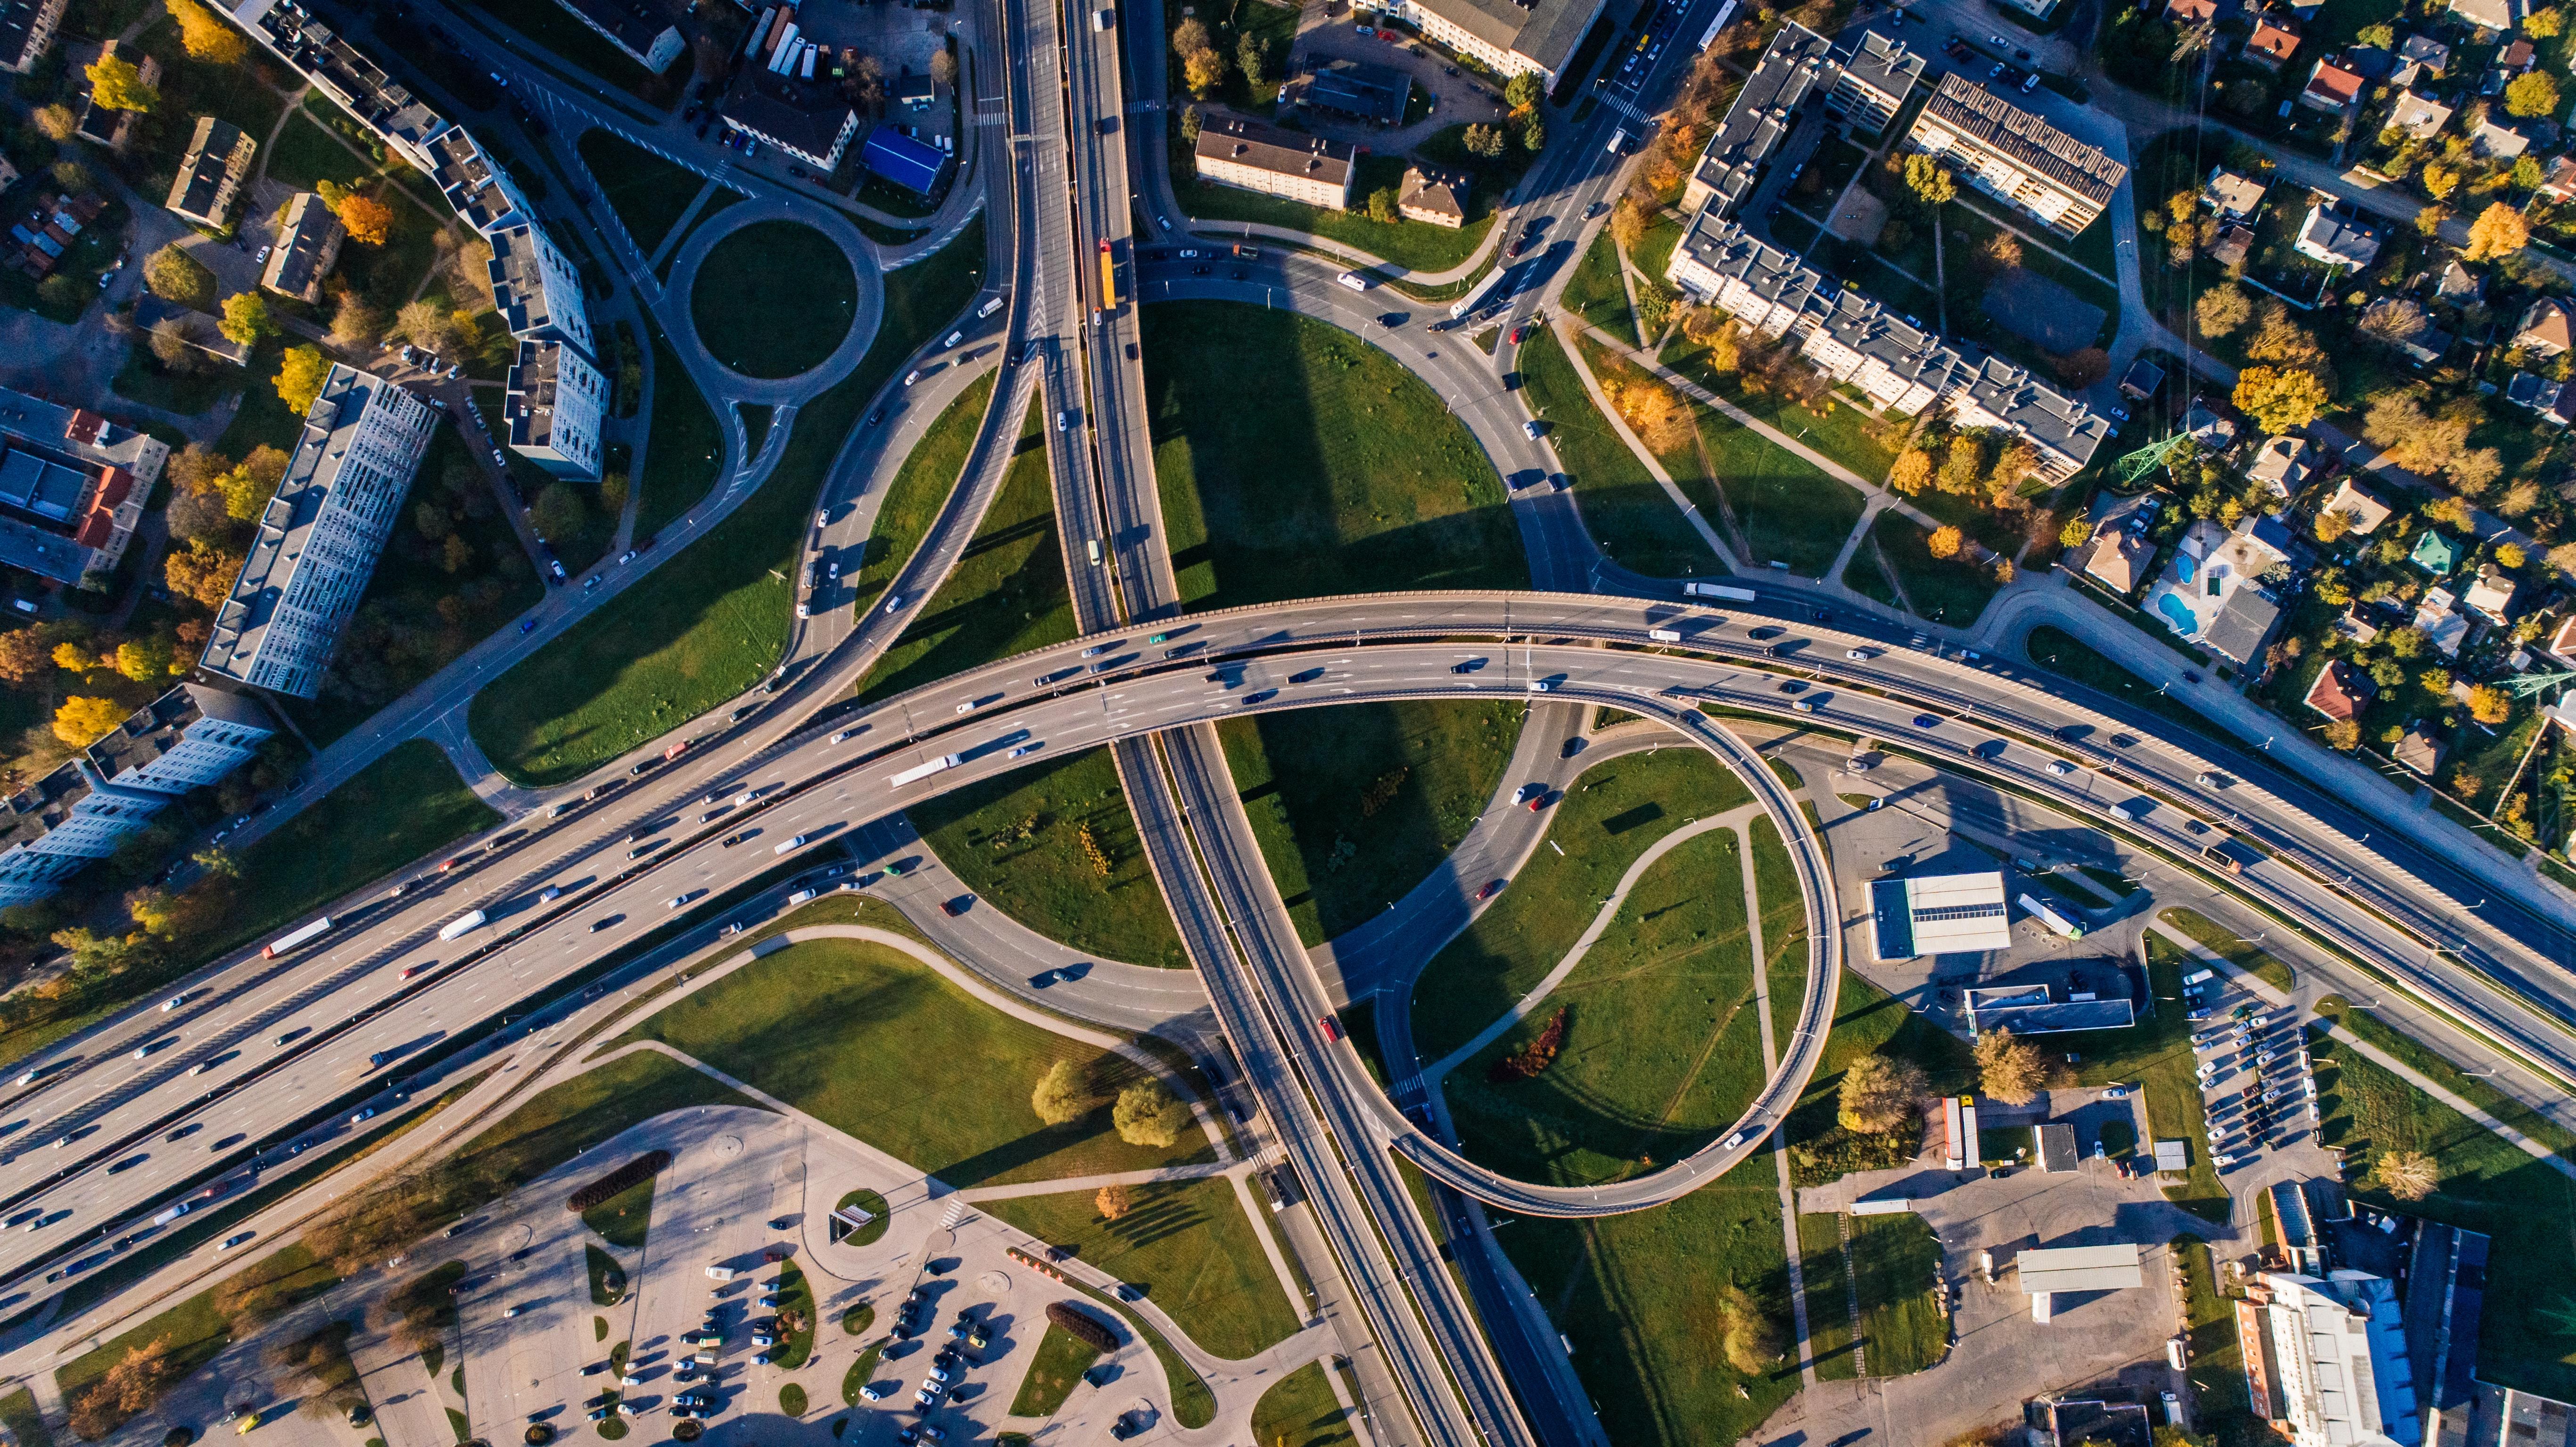 autovía vista aérea